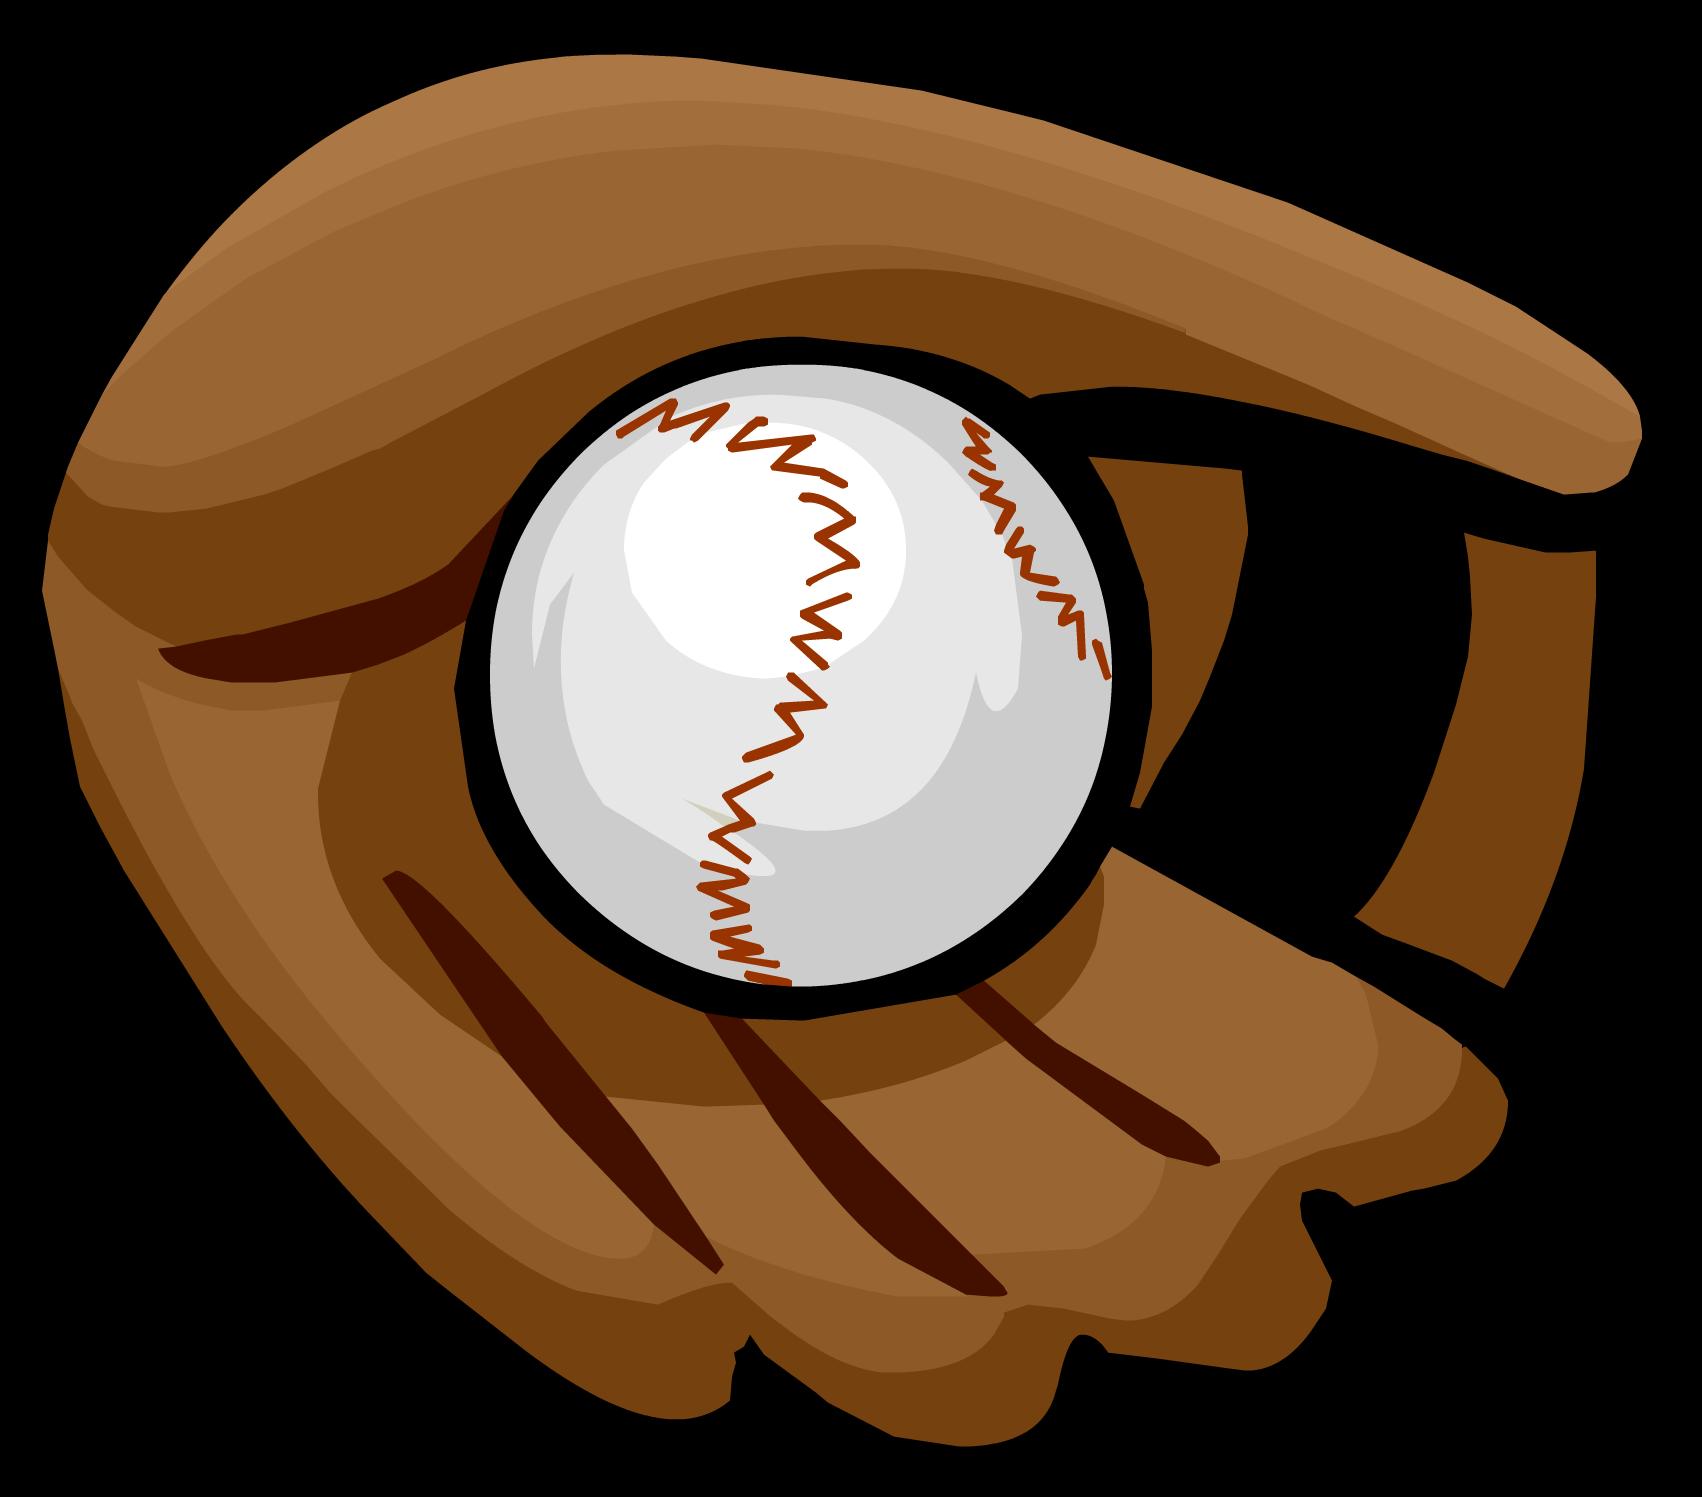 Baseball GLOVE - Cliparts.co